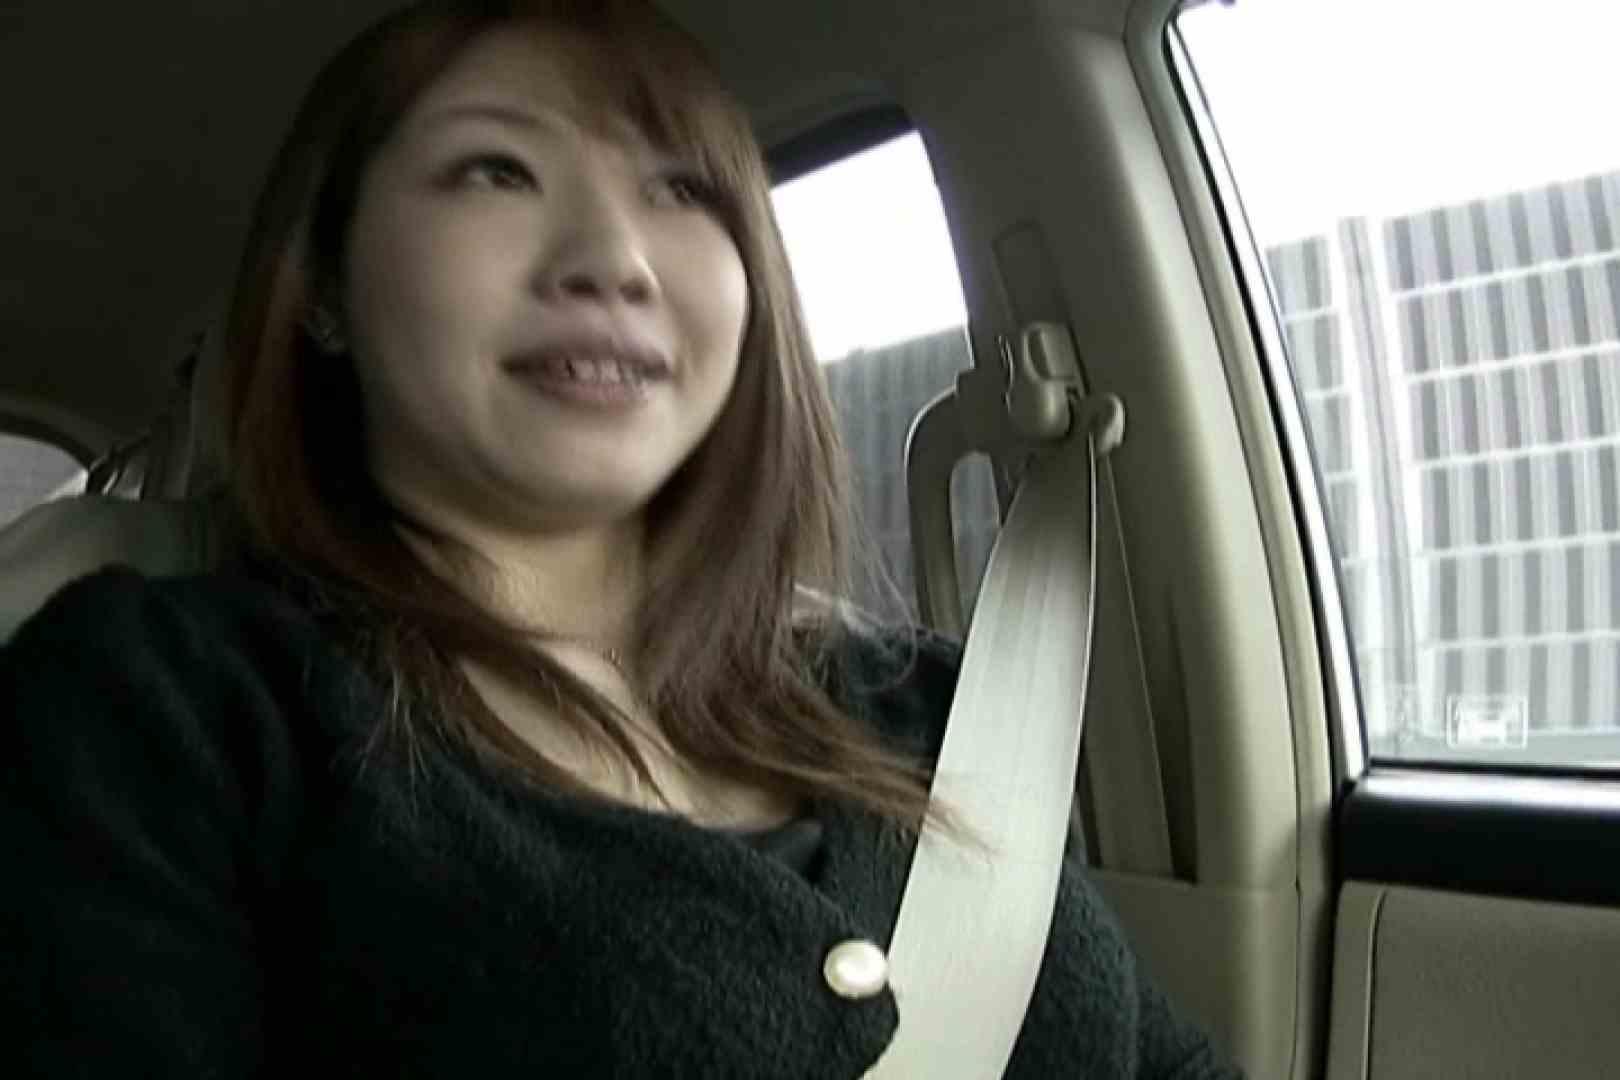 素人モデル撮っちゃいました kana02 すけべな素人 | モデル流出動画  109画像 7